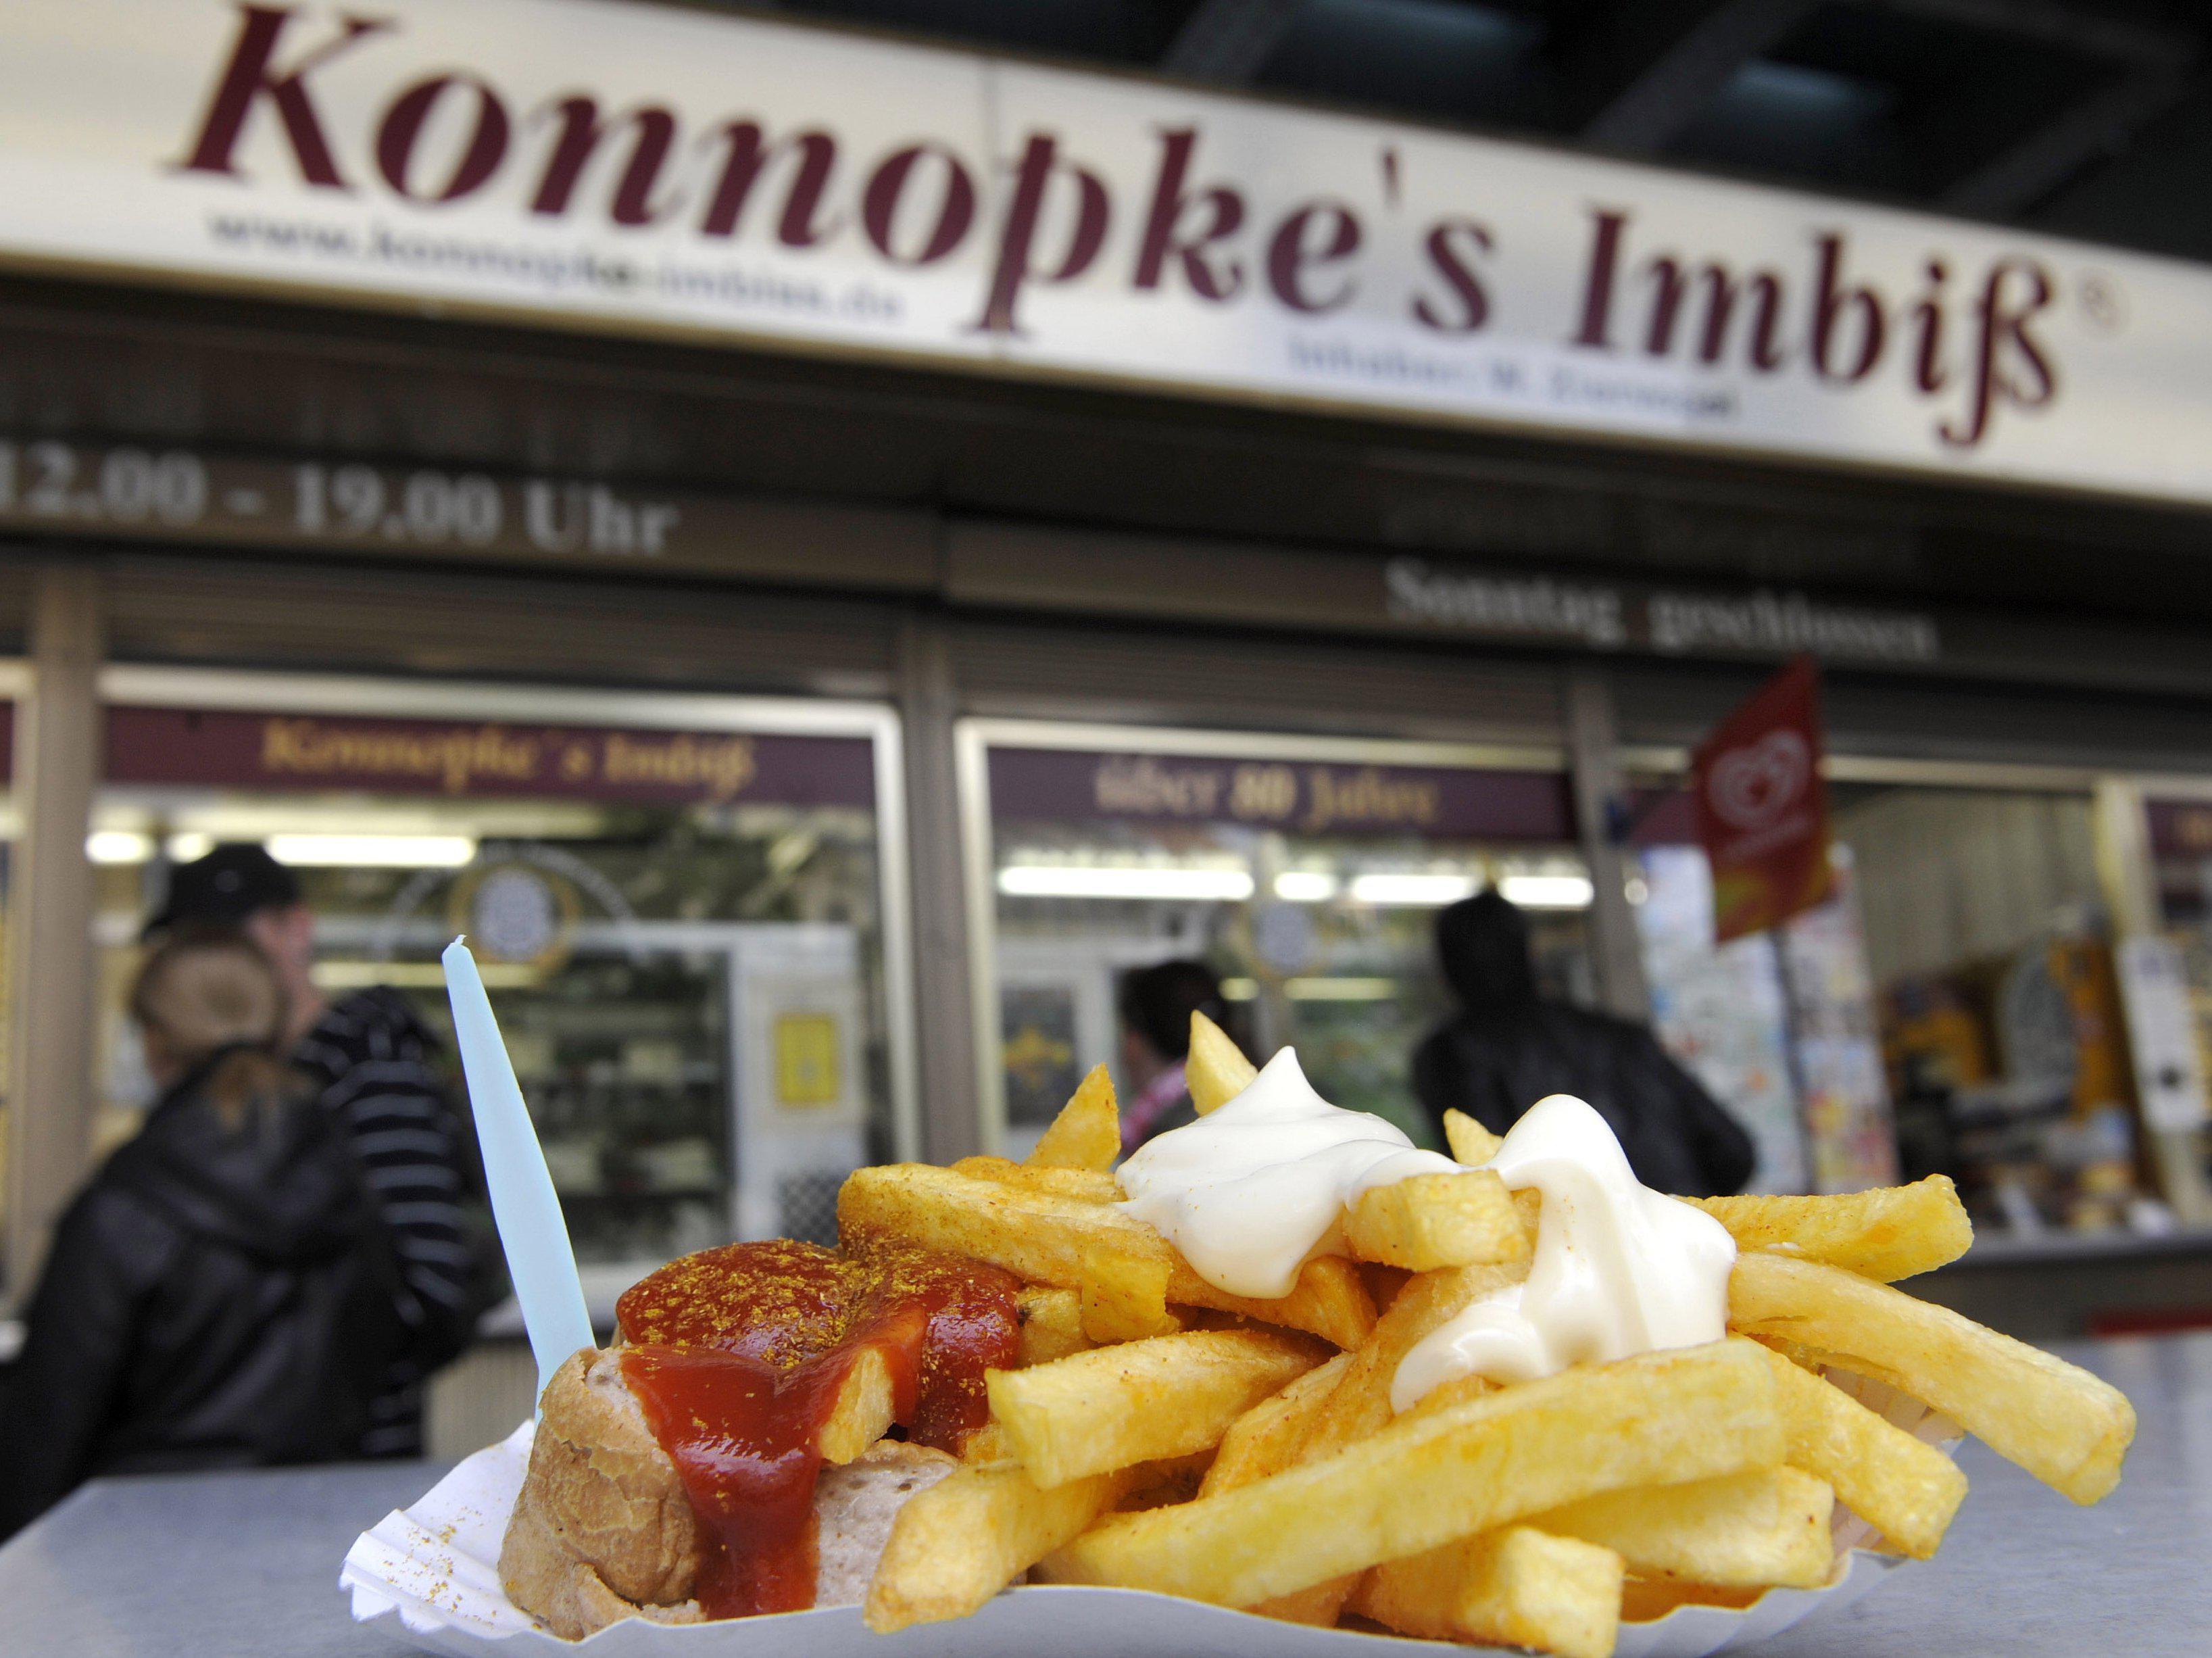 Seit 1930 ein Renner: die Currywurst bei Konnopke